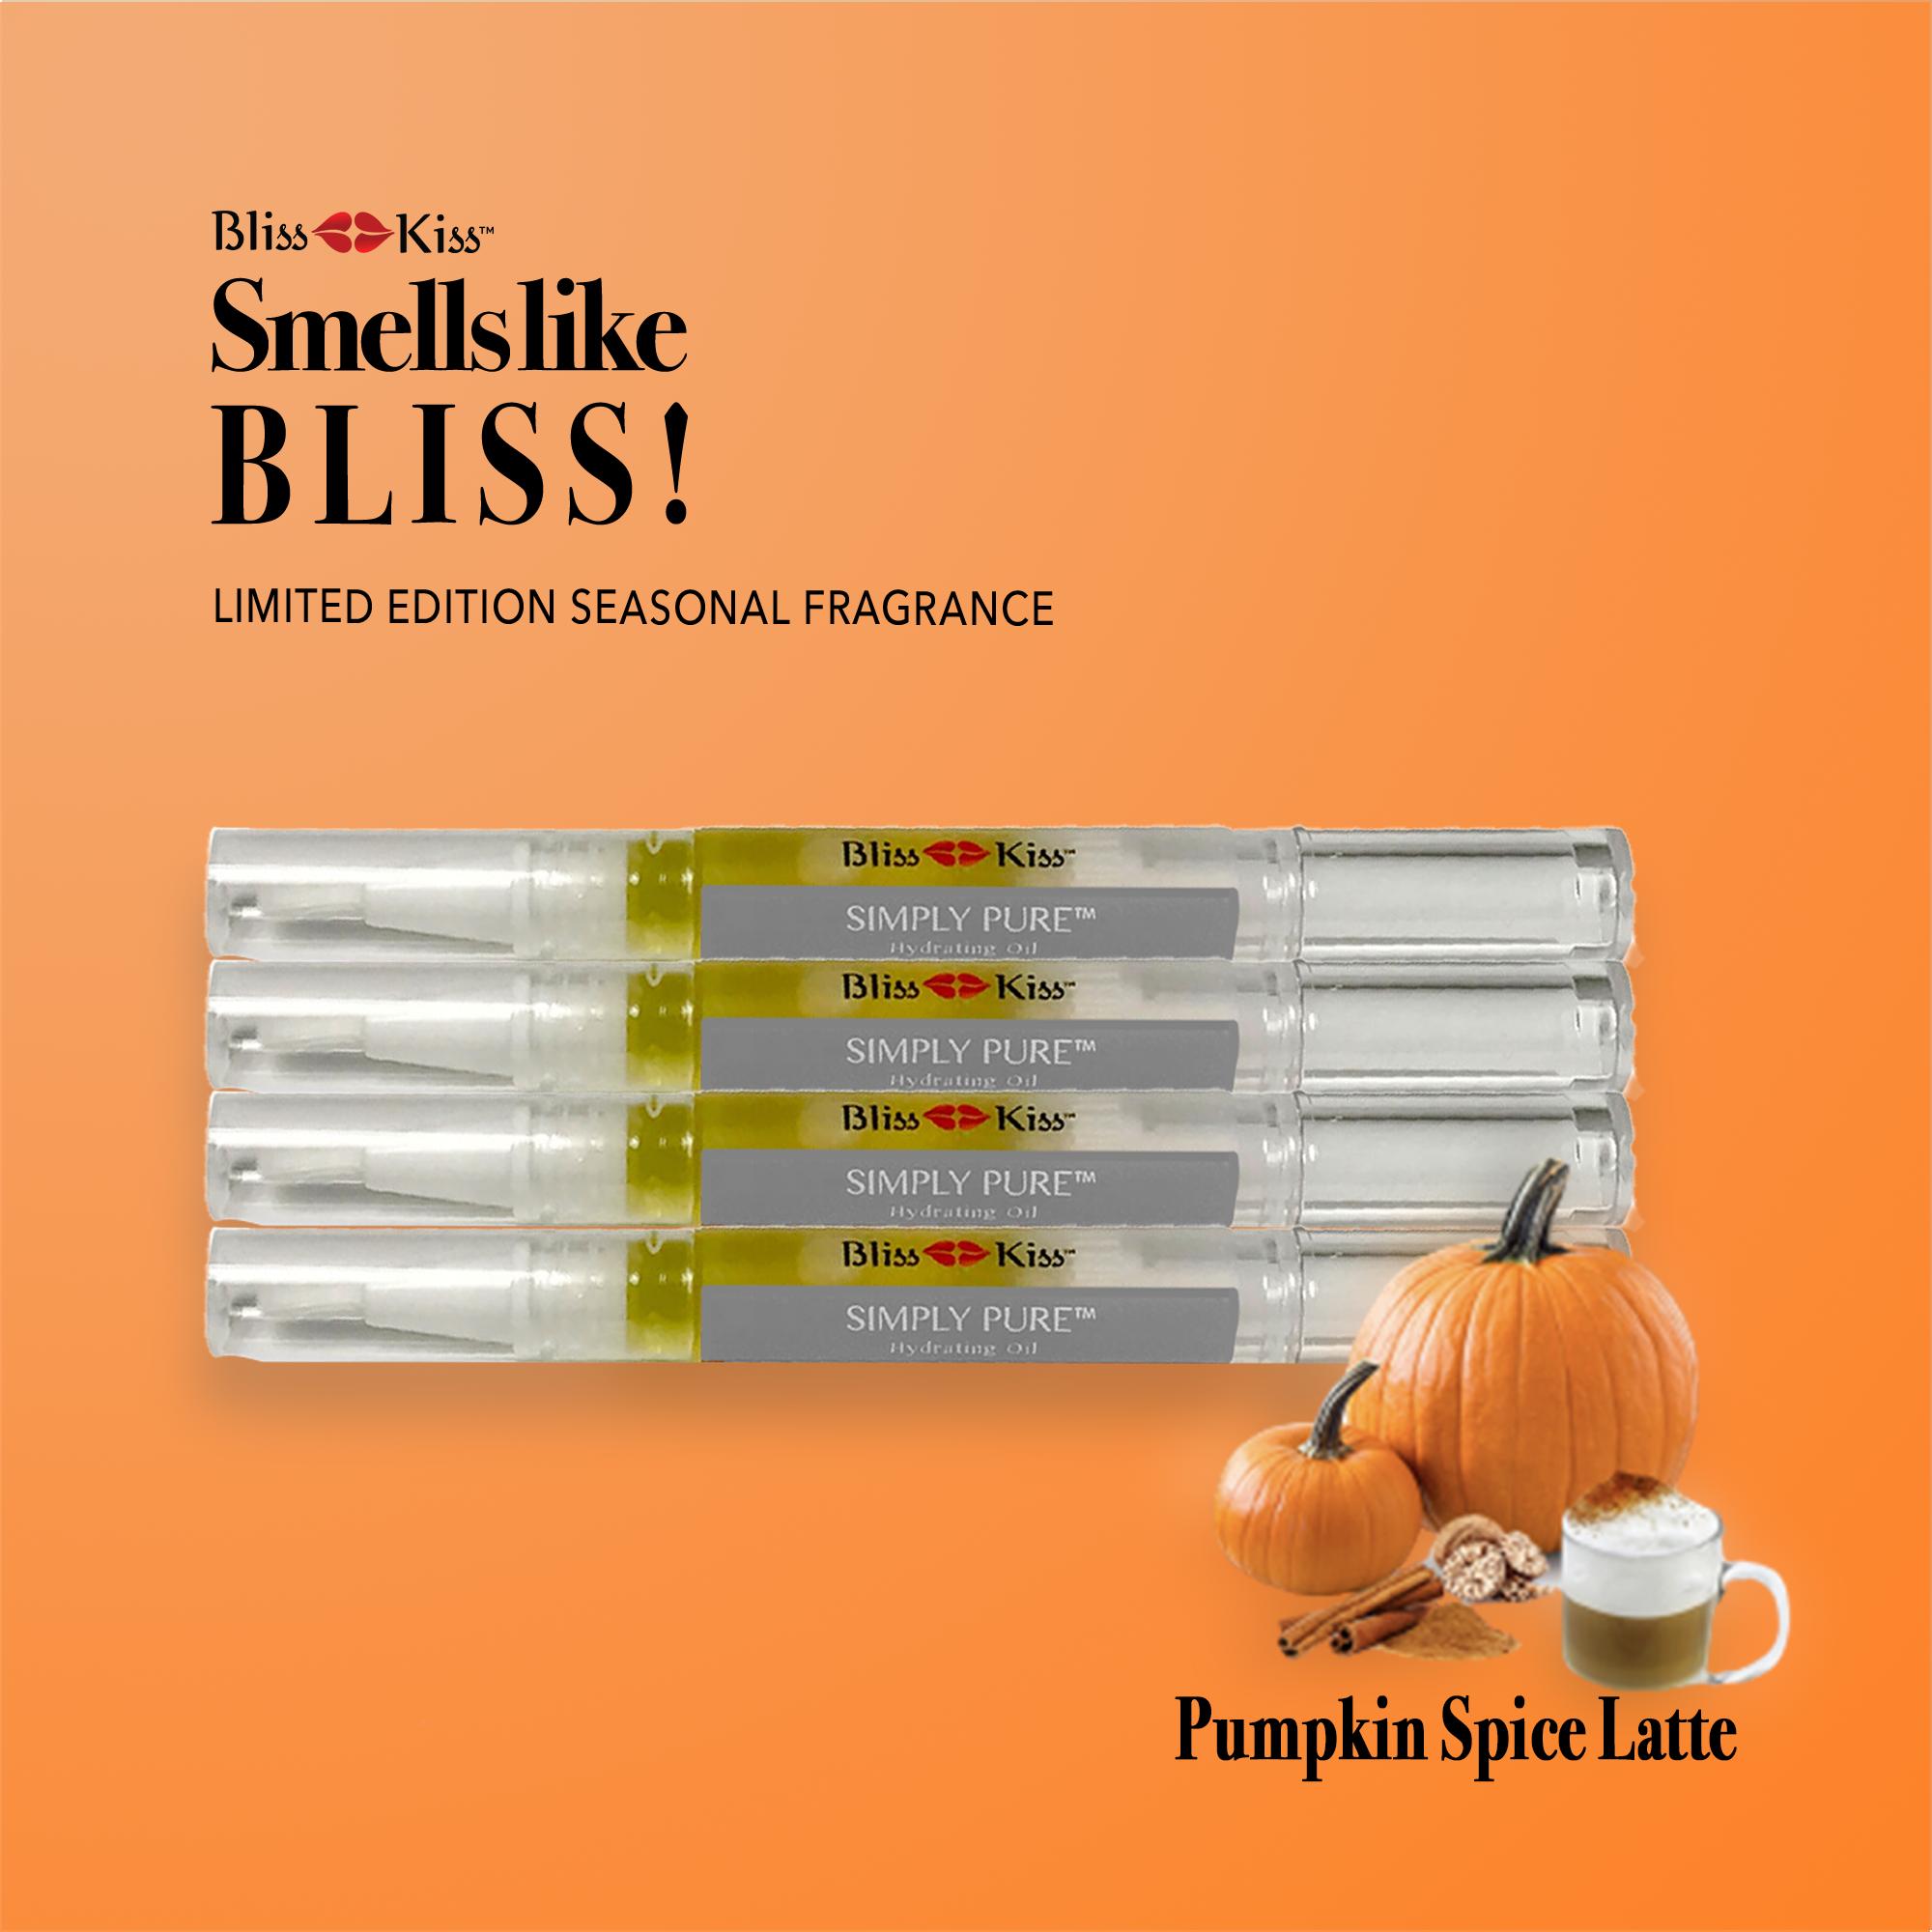 Starter Kit in Pumpkin Spice Latte